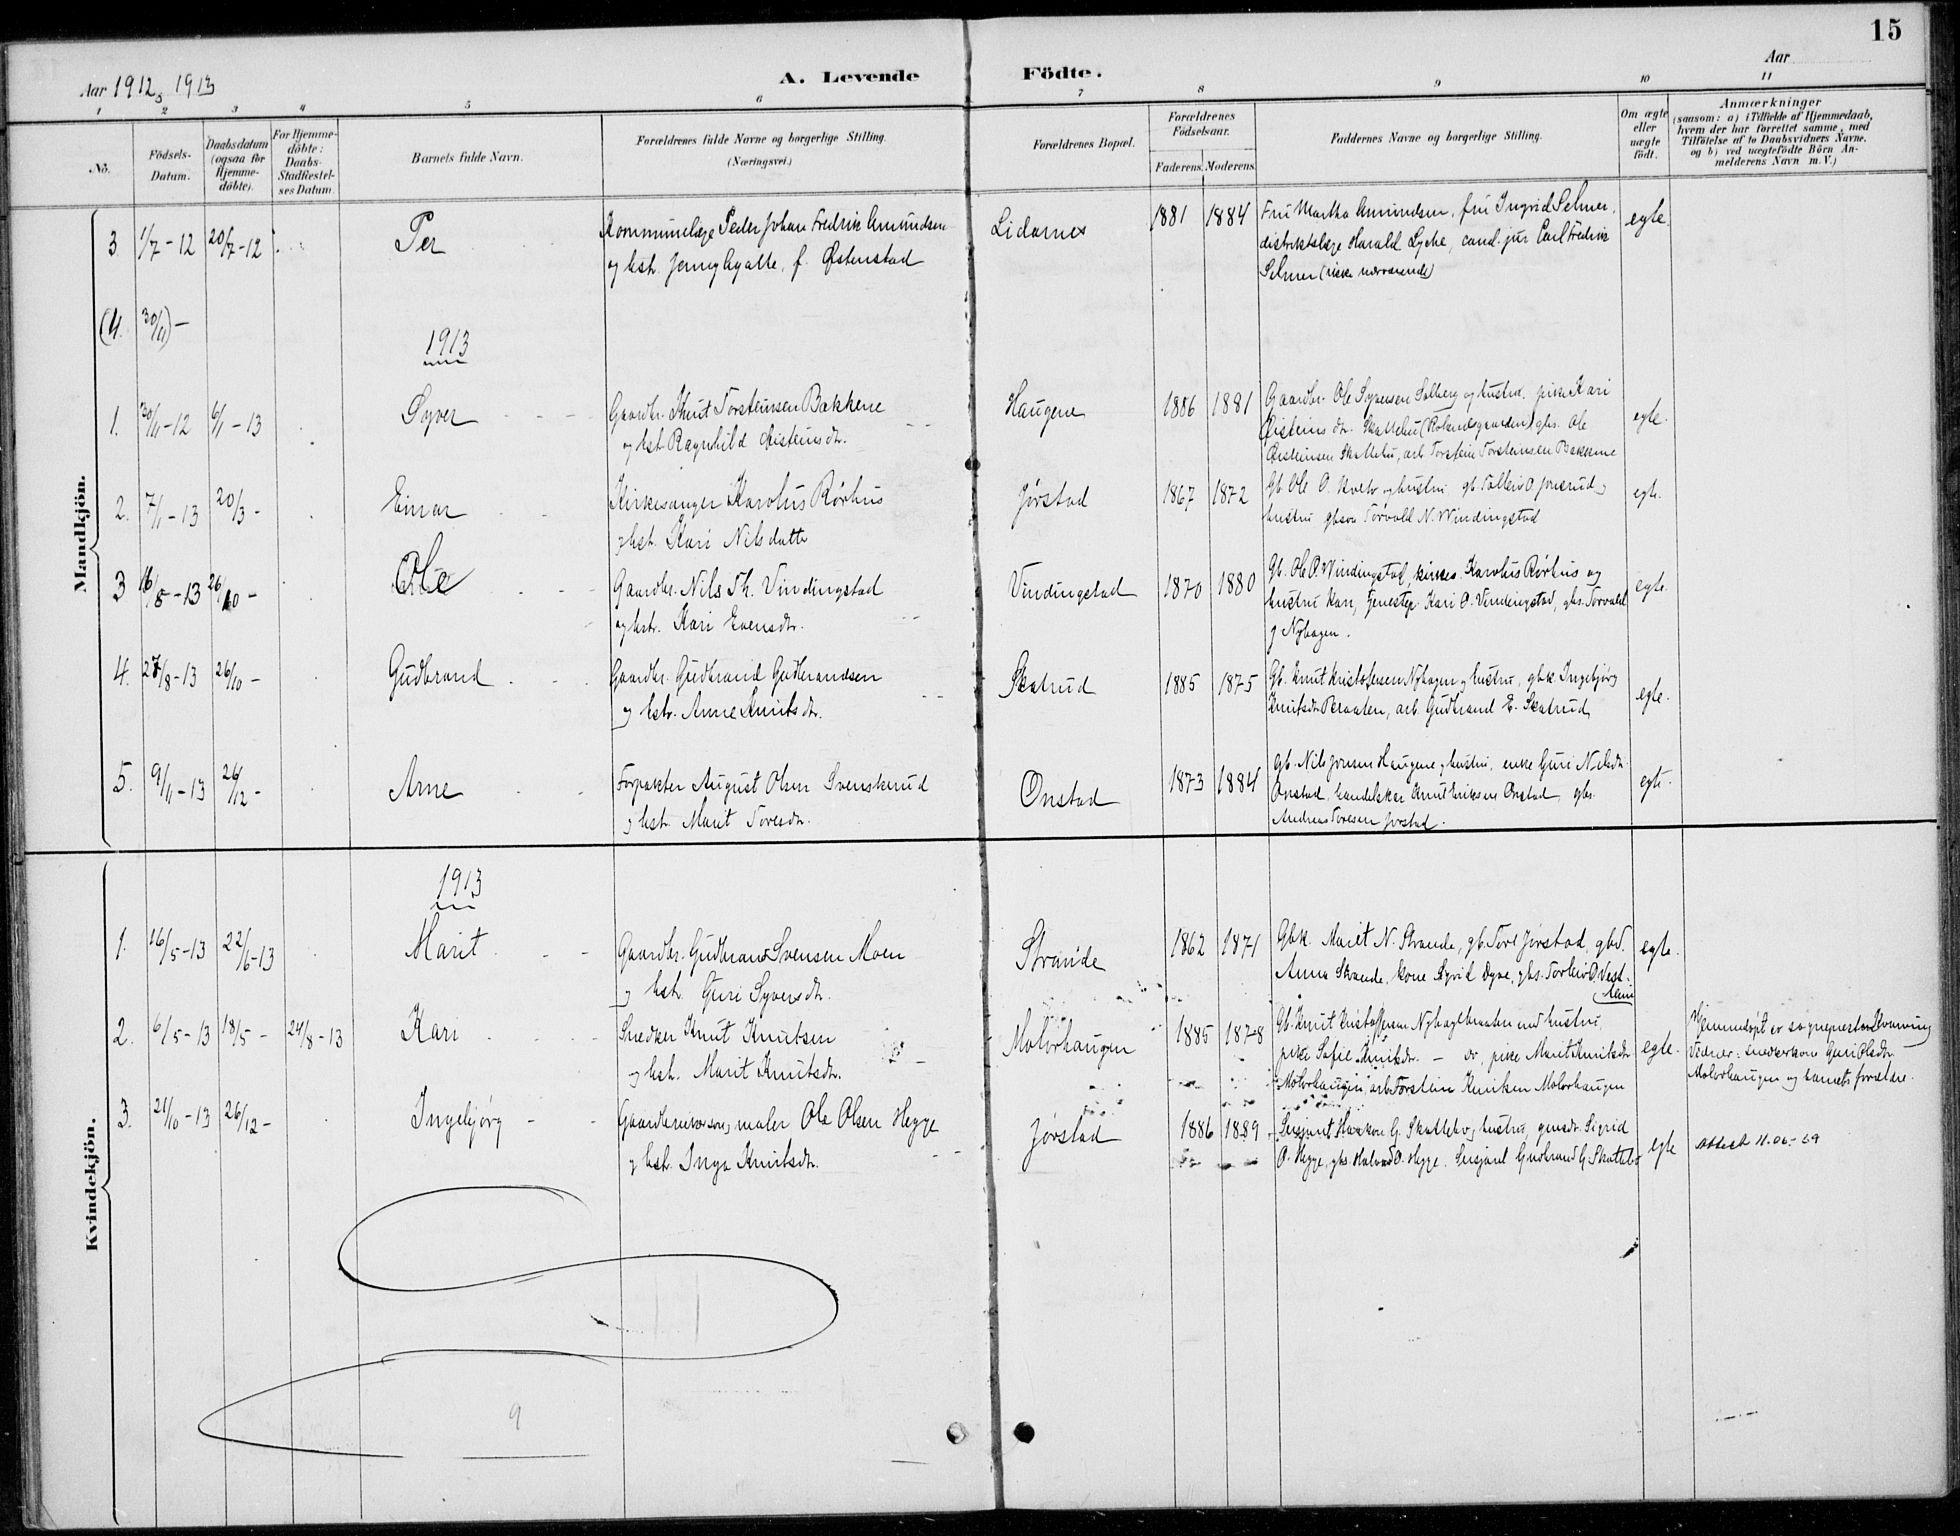 SAH, Øystre Slidre prestekontor, Ministerialbok nr. 5, 1887-1916, s. 15